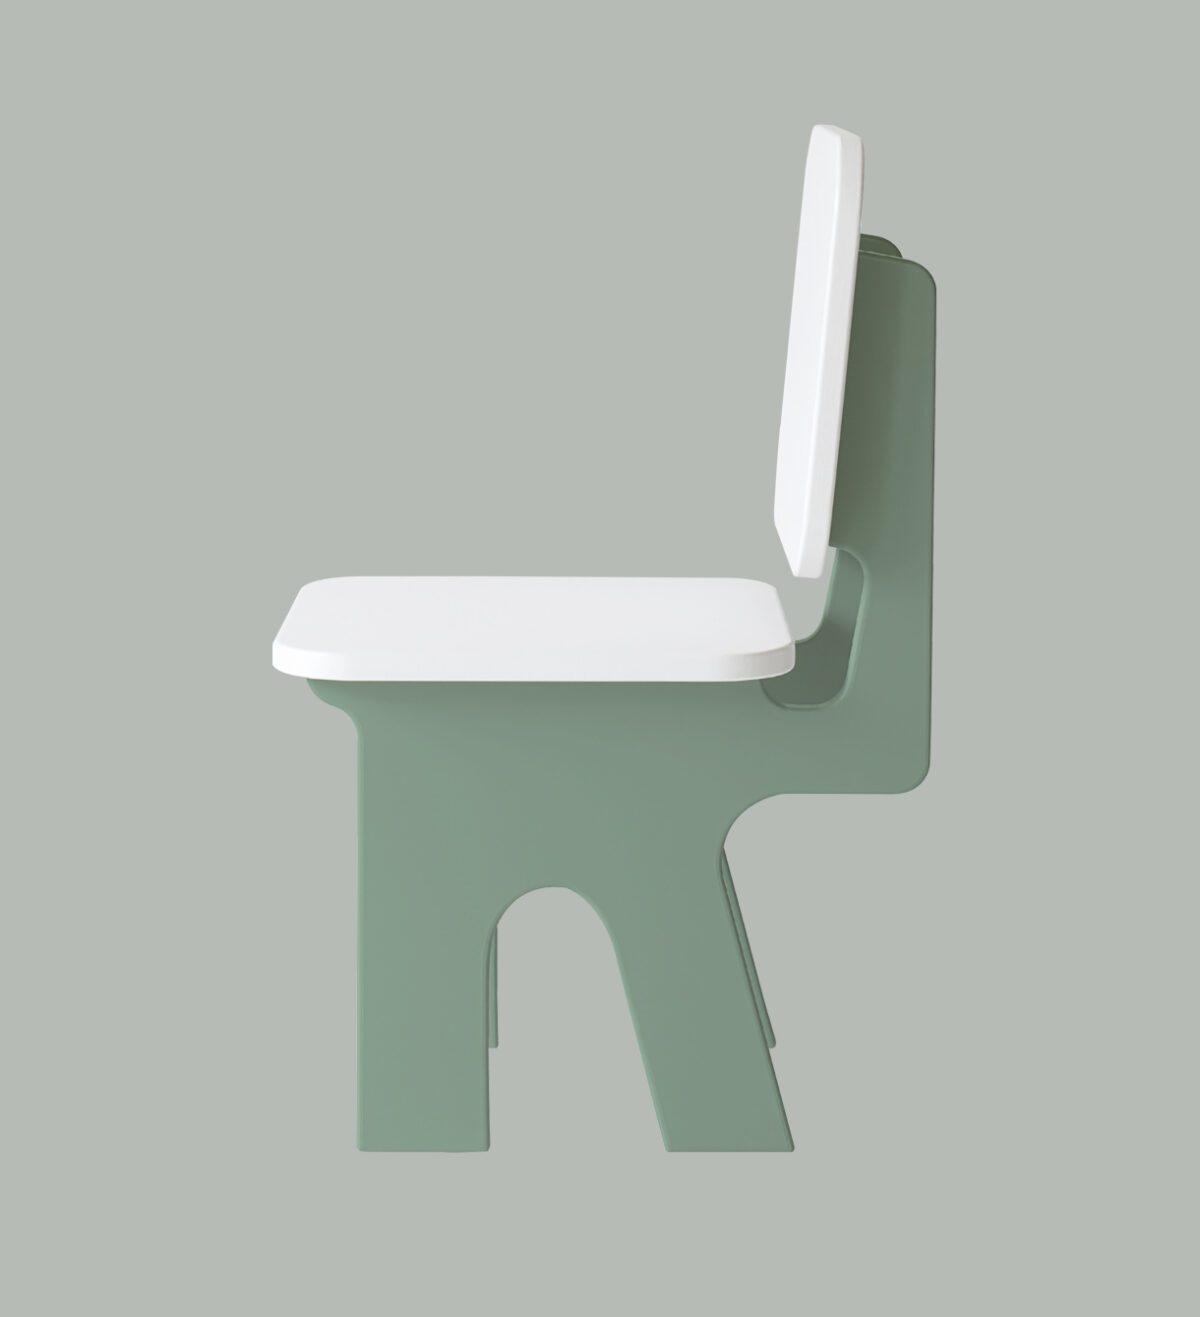 Kinderstoeltje dipperdee groen Jindl